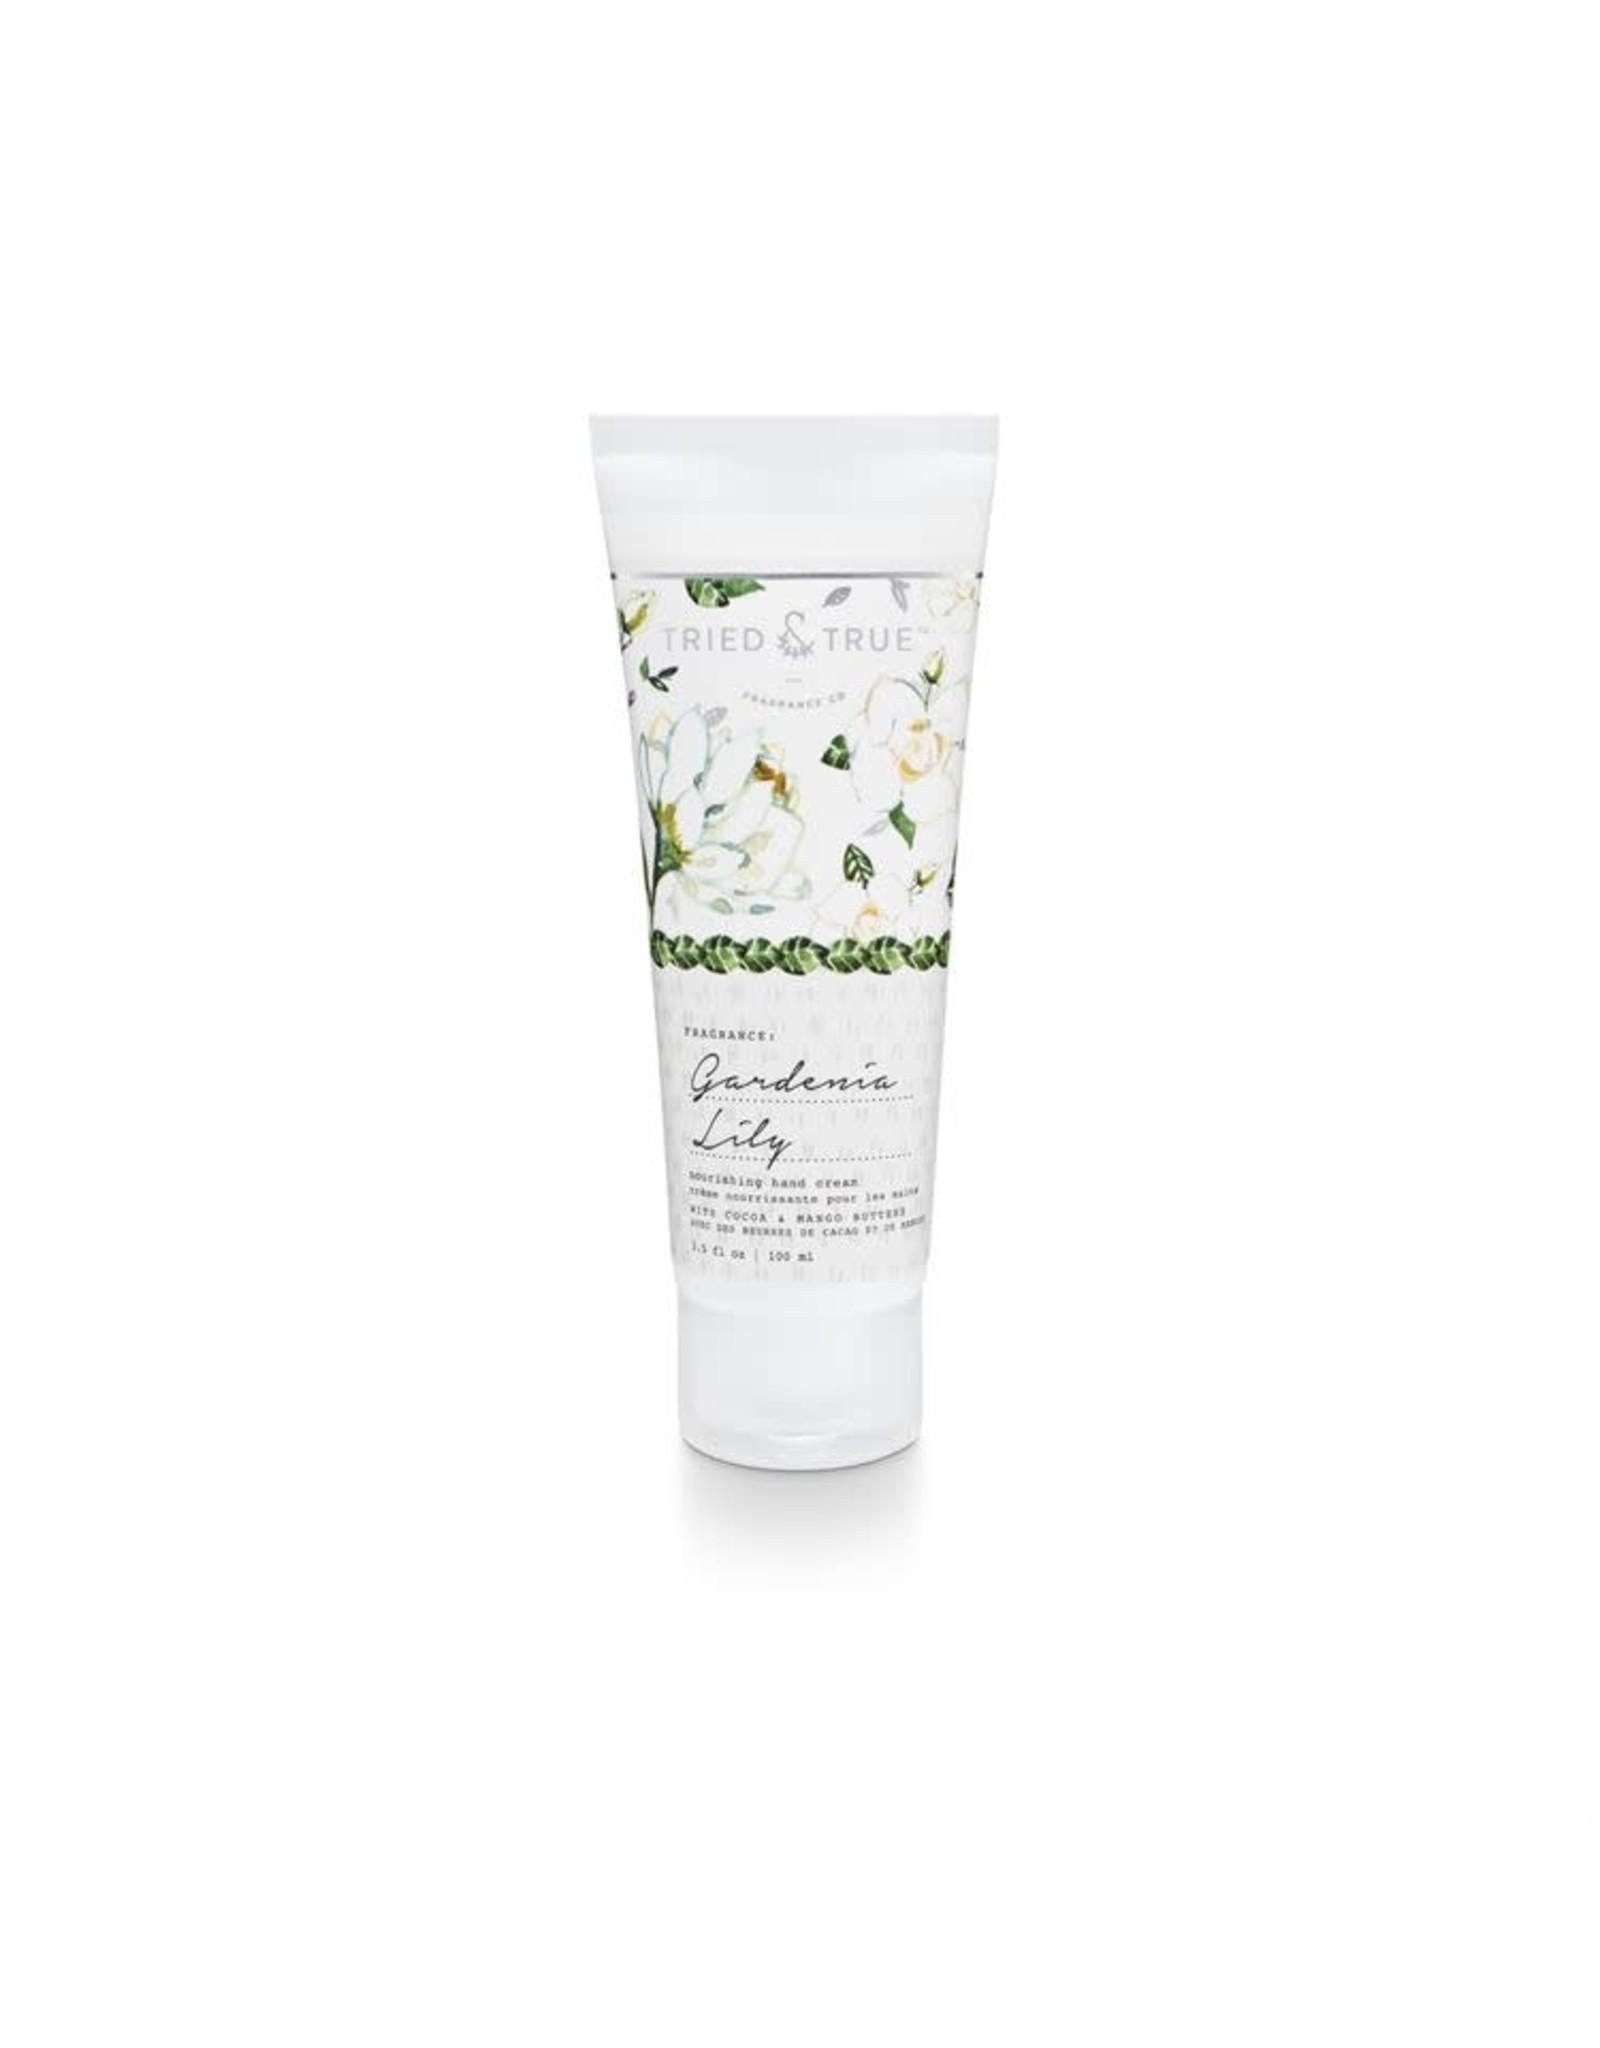 Tried & True 3.5 oz. Hand Cream - Gardenia Lily